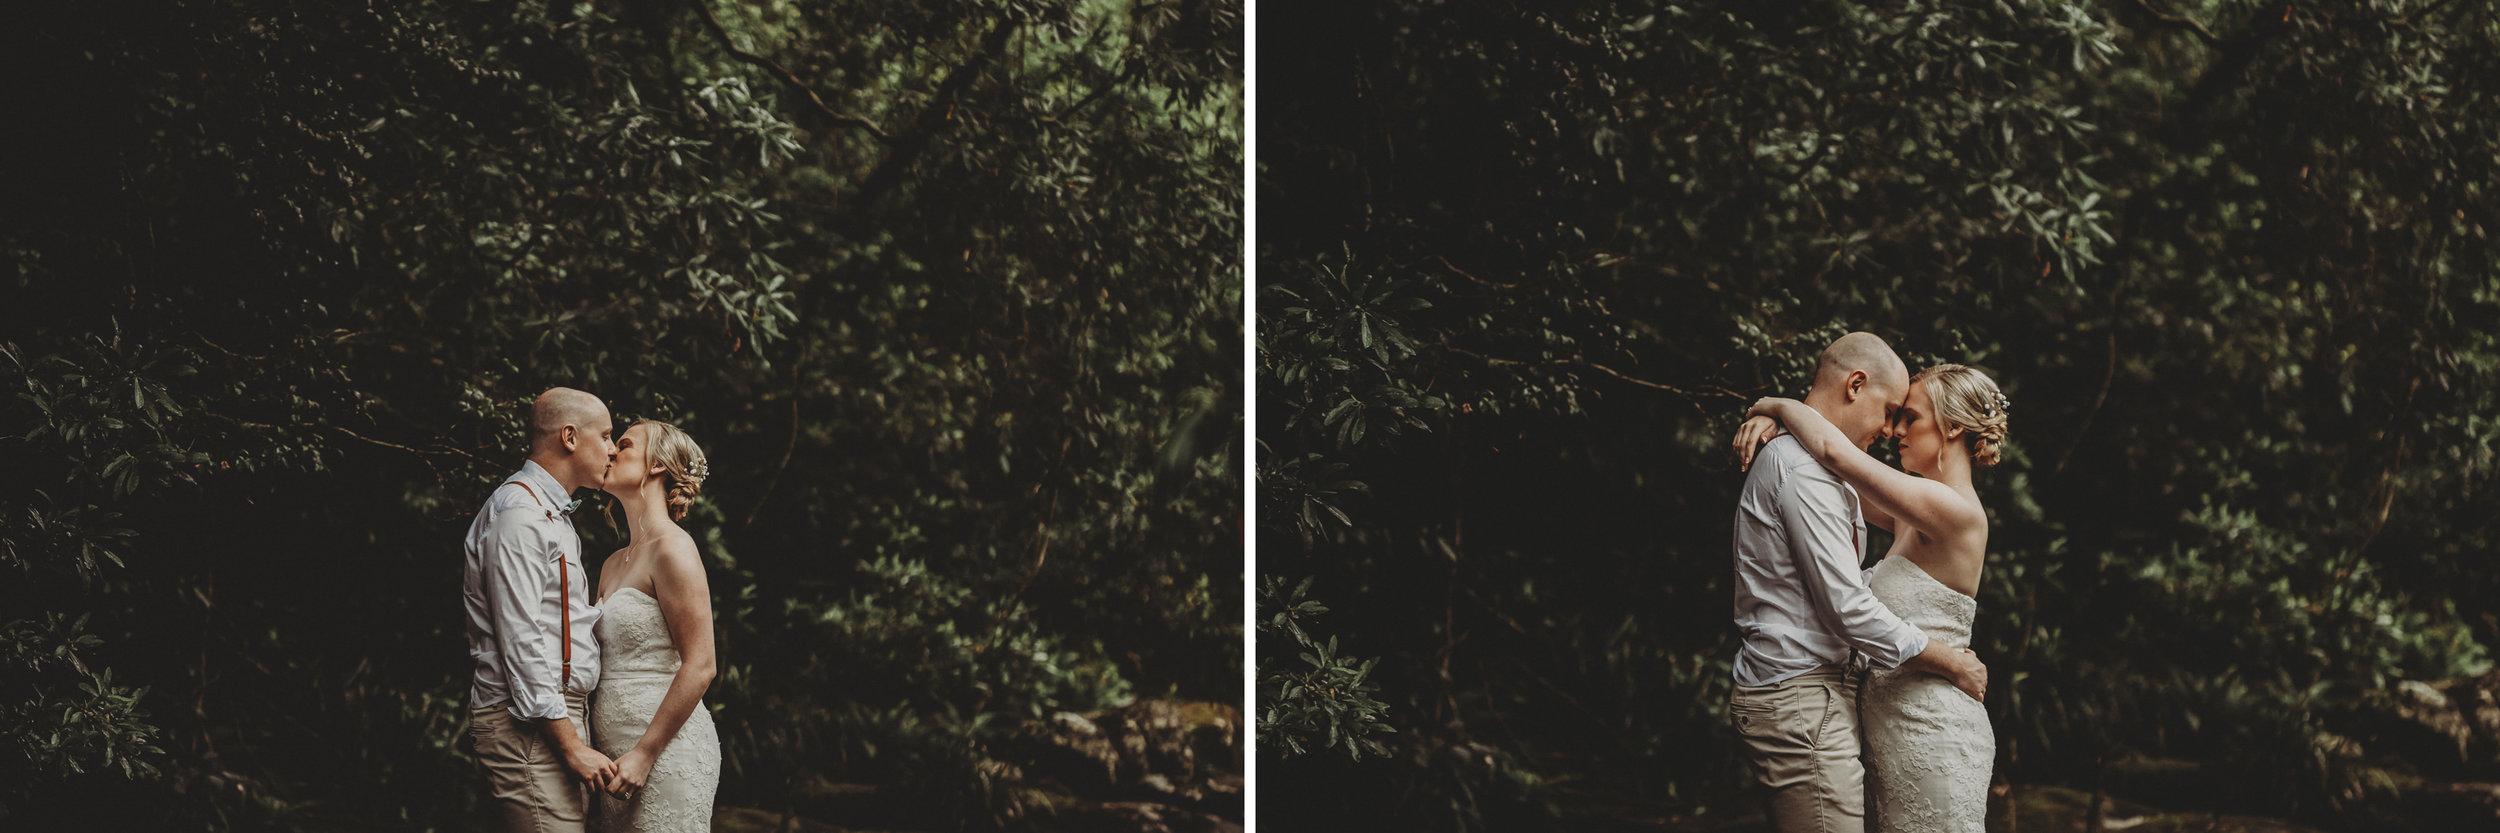 ElizaJadePhotography-33.jpg